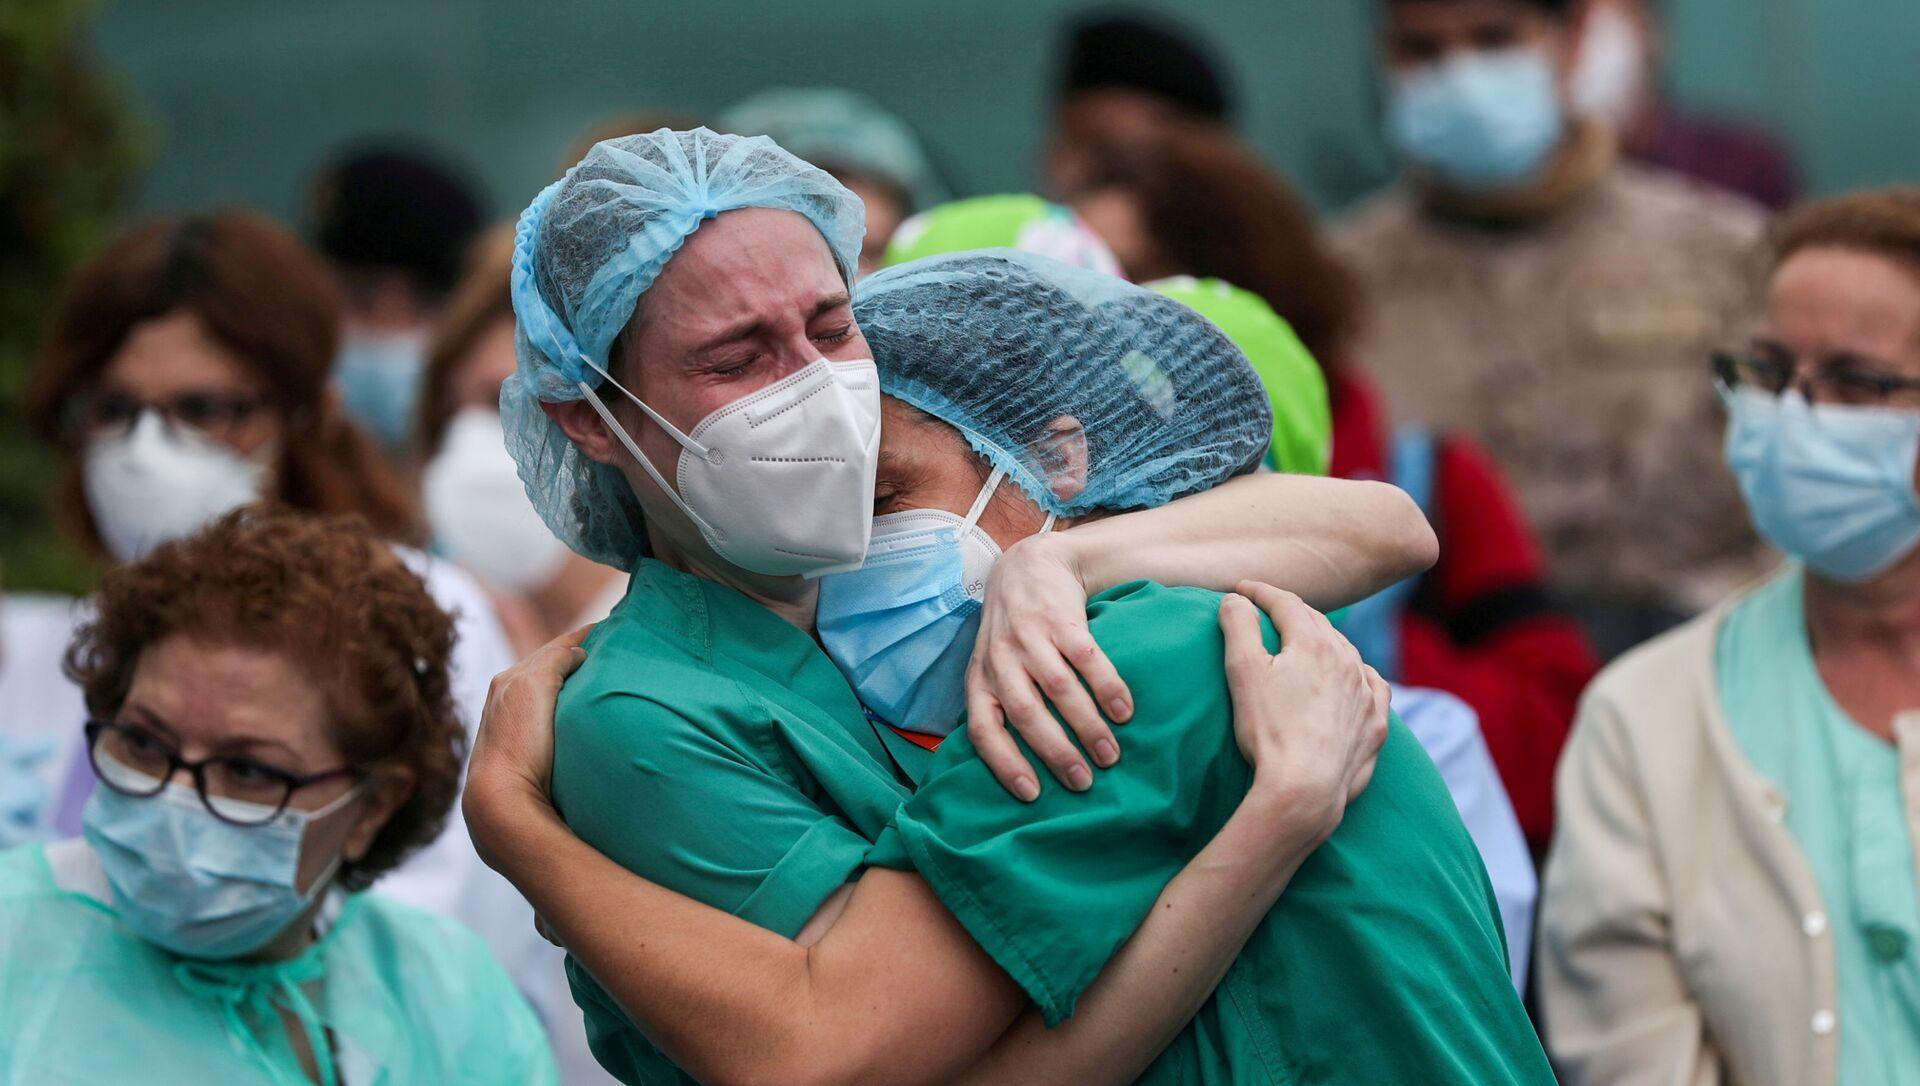 İspanya'nın Leganes kentindeki Severo Ochoa Hastanesi'nde Kovid-19 kurbanı meslektaşlarının ardından ağlayan sağlık çalışanları (Nisan 2020) - Sputnik Türkiye, 1920, 12.05.2021